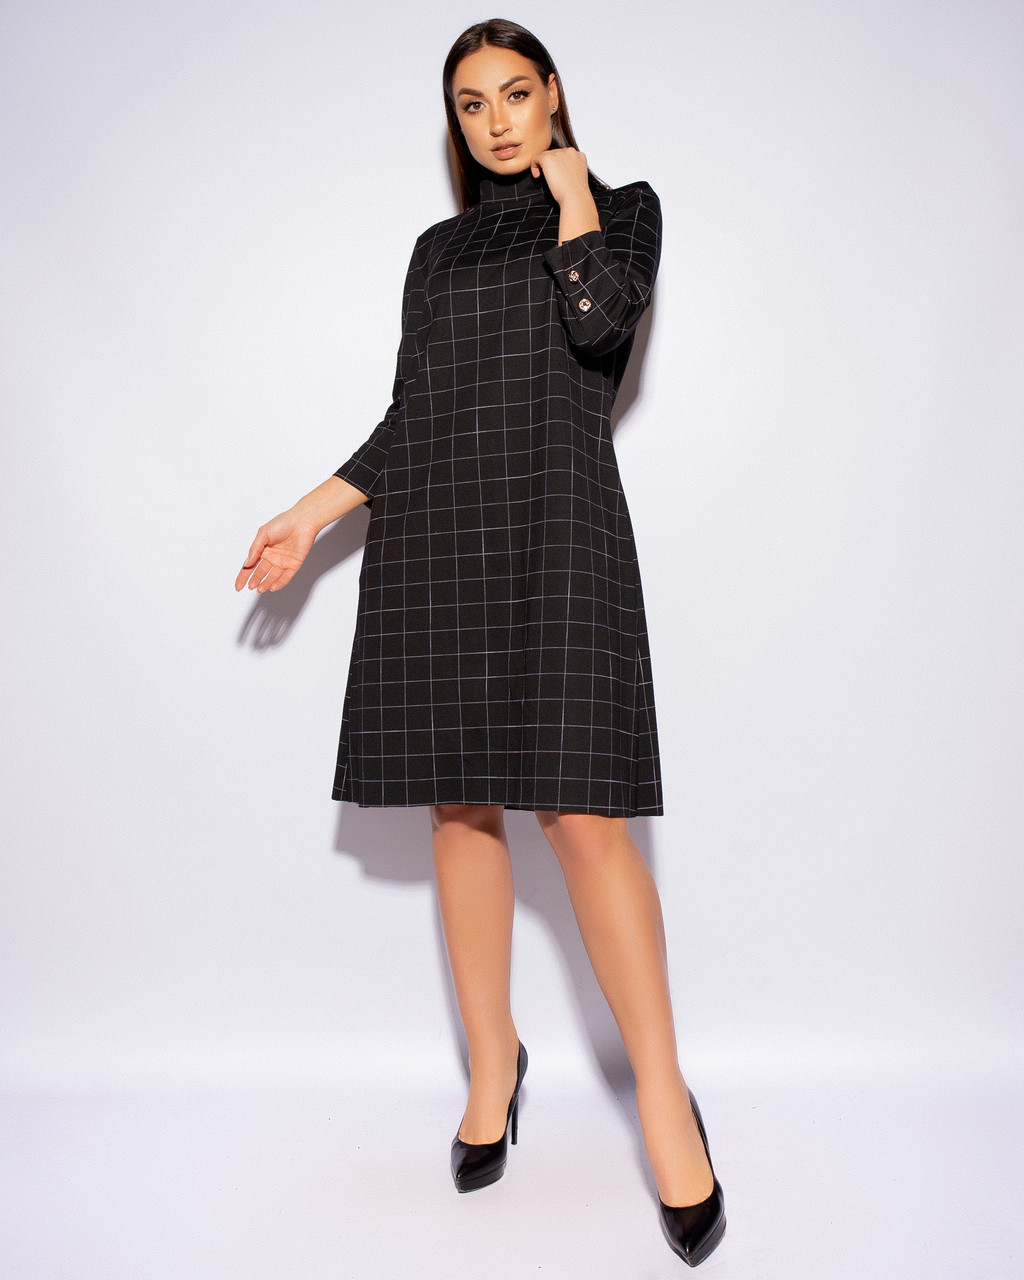 Элегантное женское платье большого размера в клетку.Размеры:52,54,56,58+Цвета